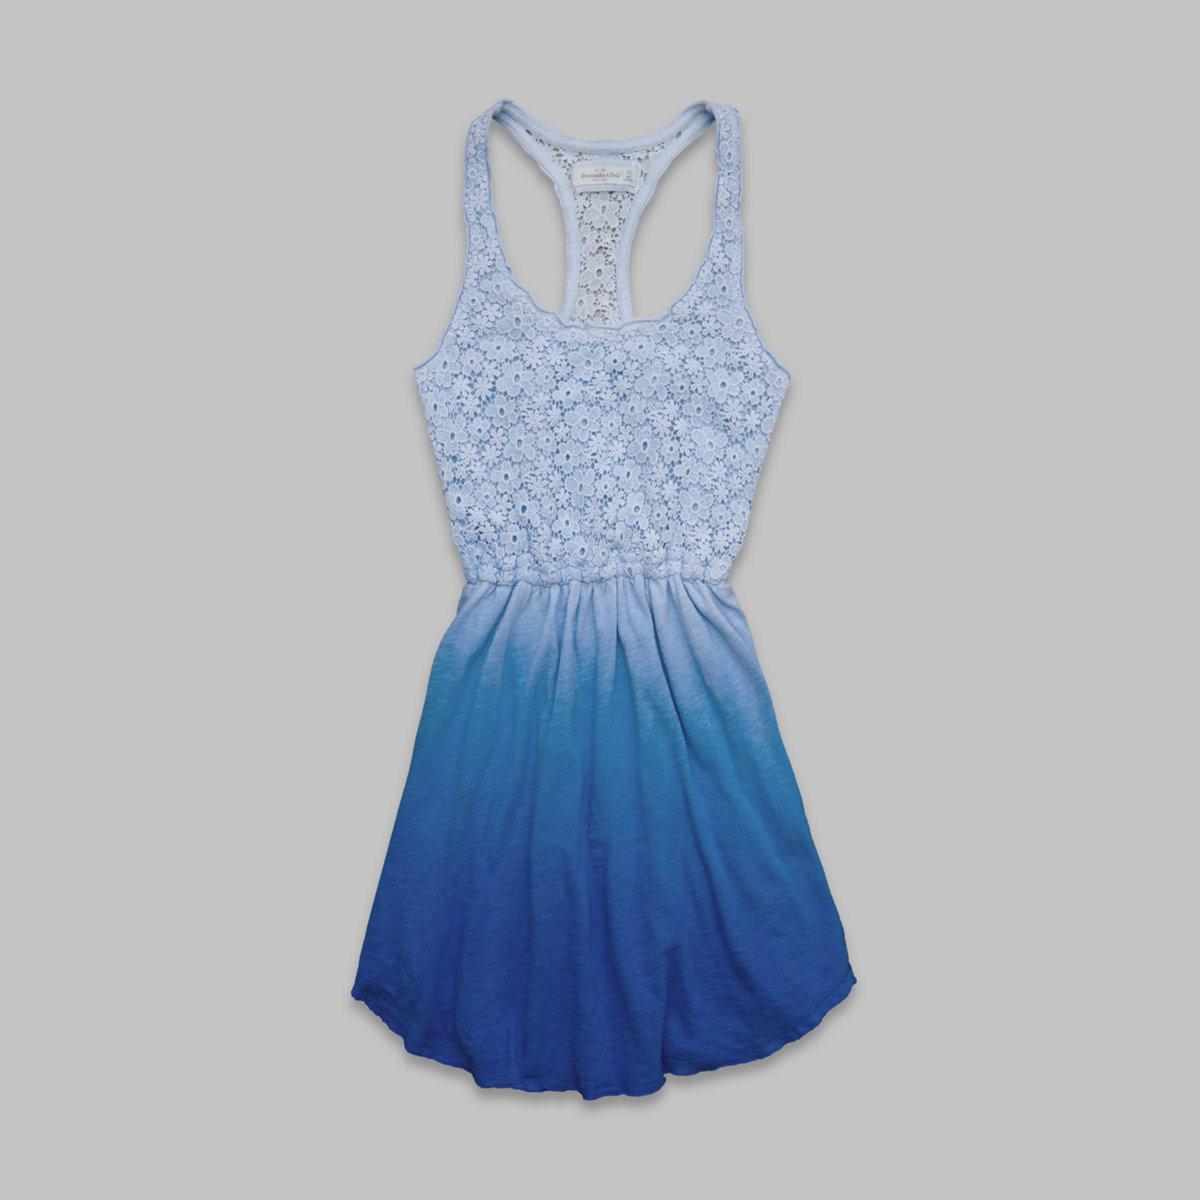 Alexis Cinch Waist Dress